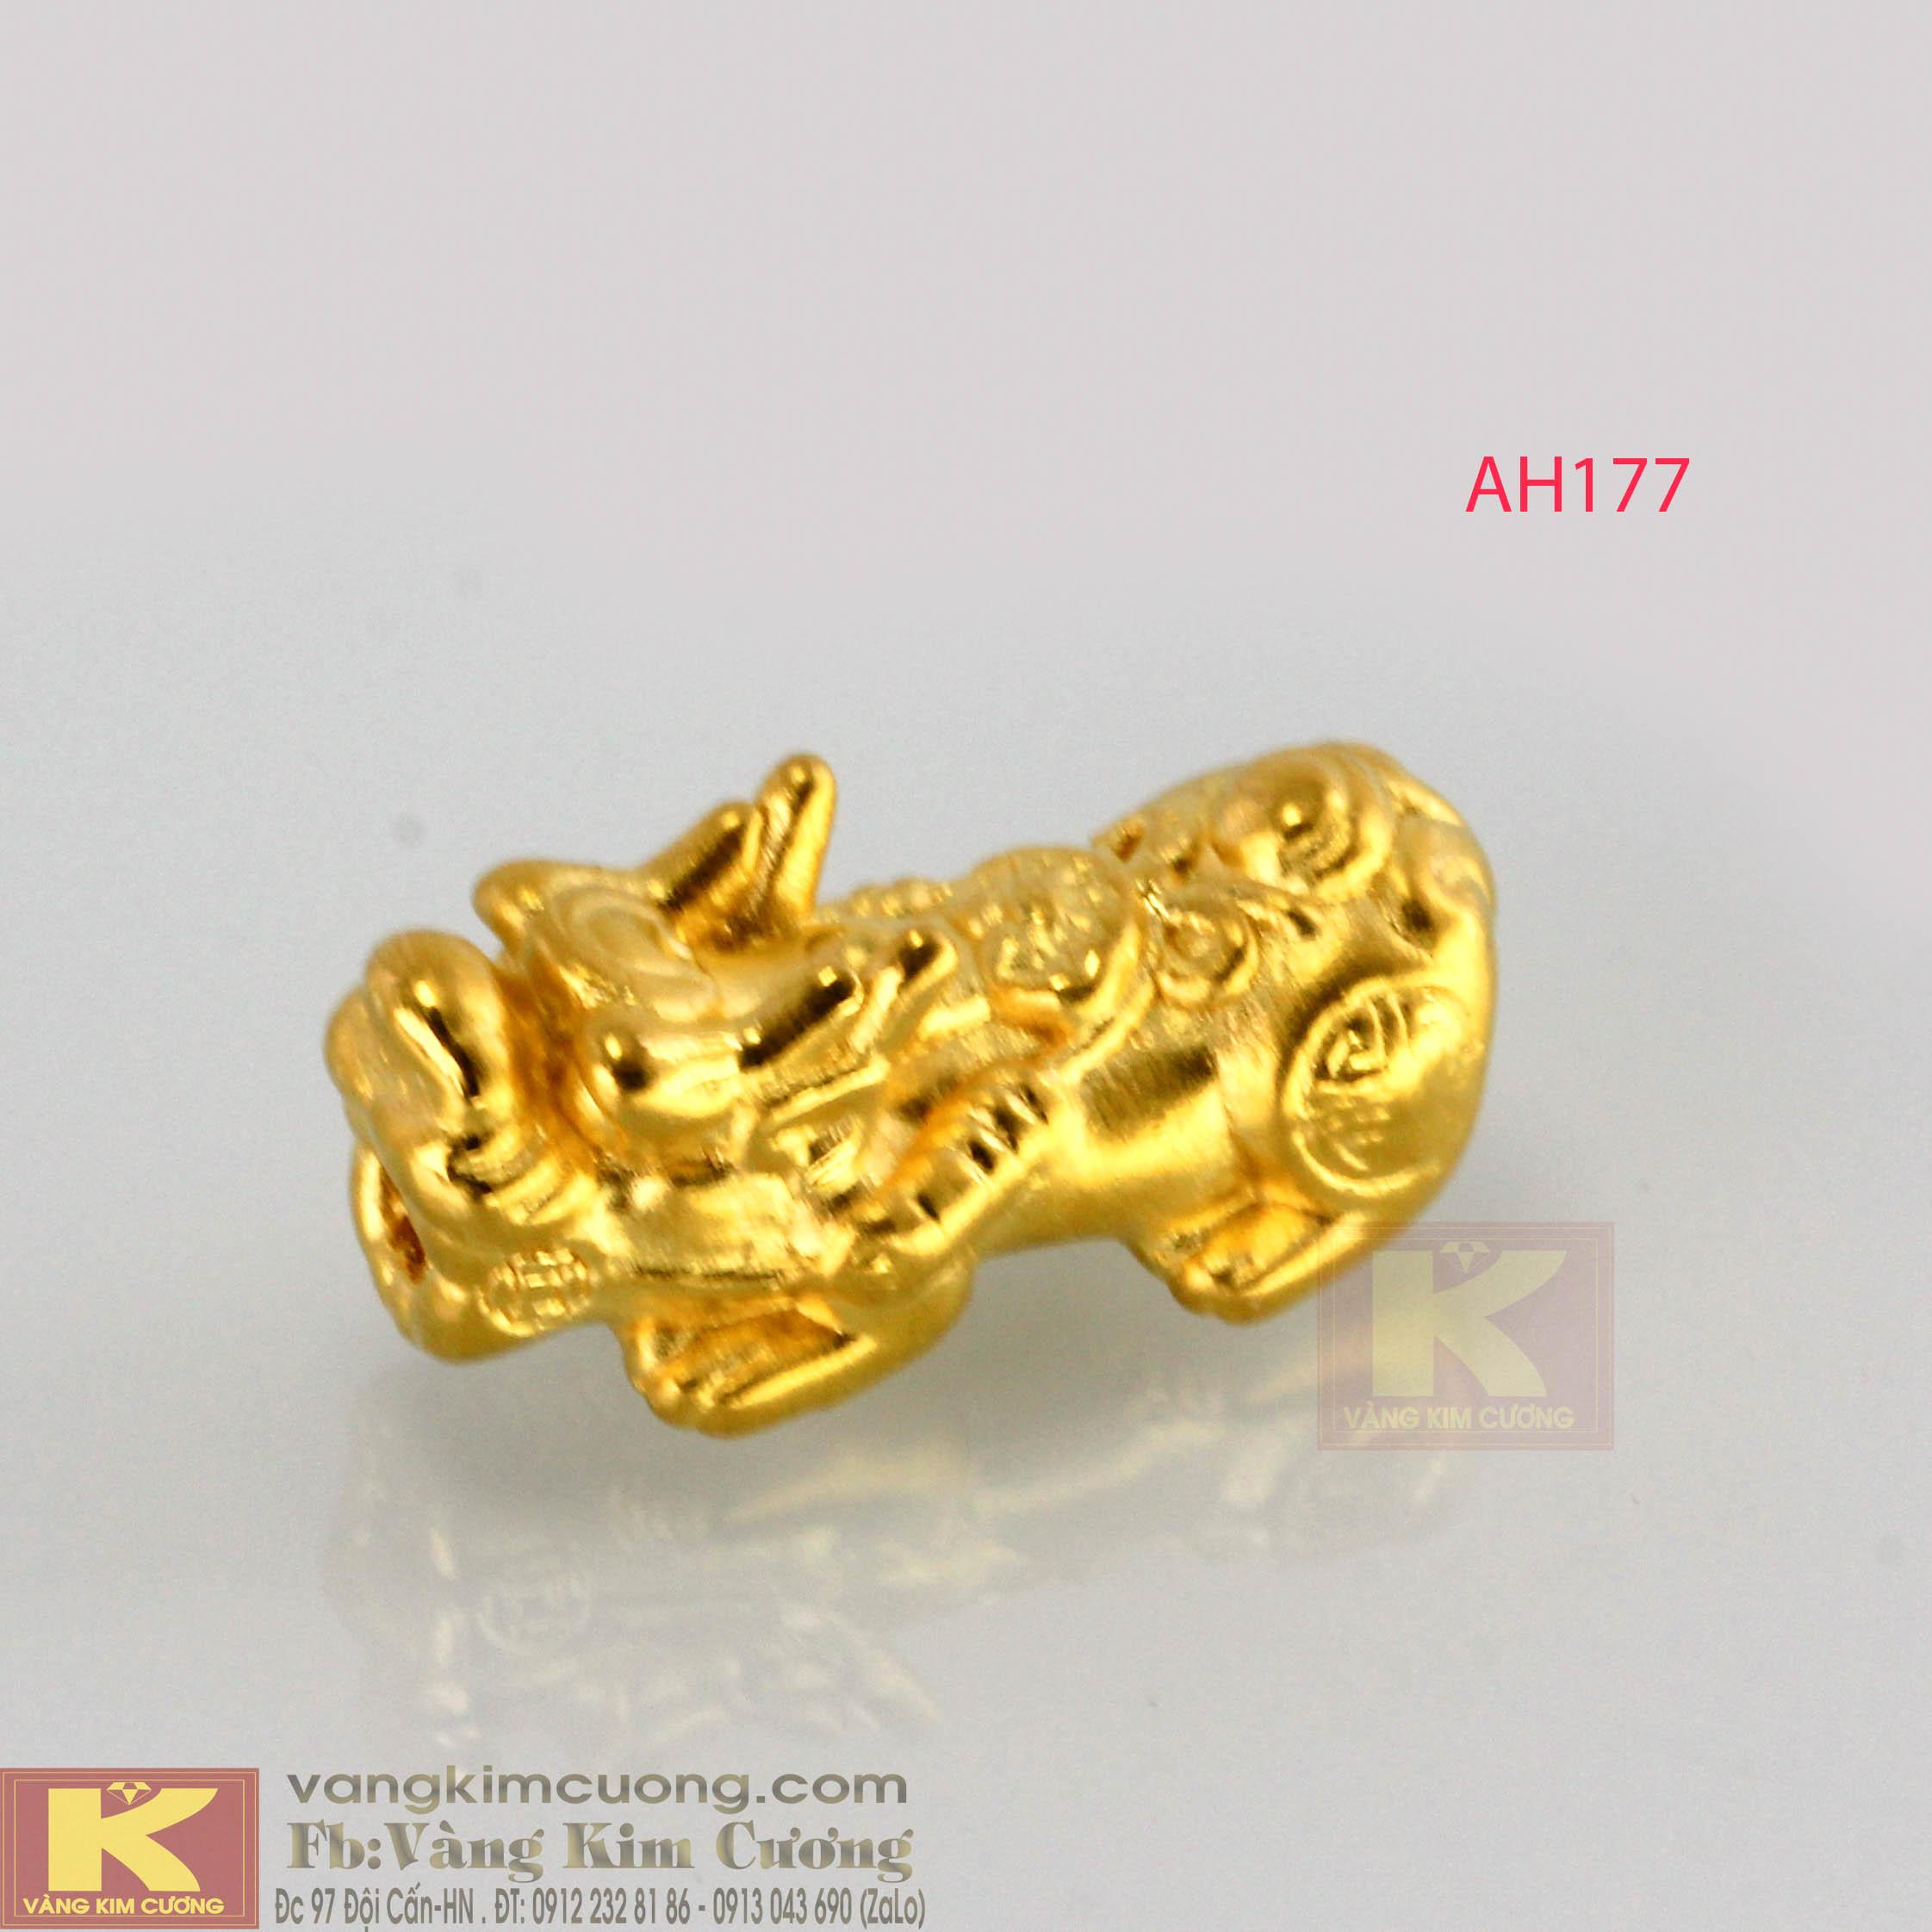 Tỳ hưu vàng 24k mã AH177